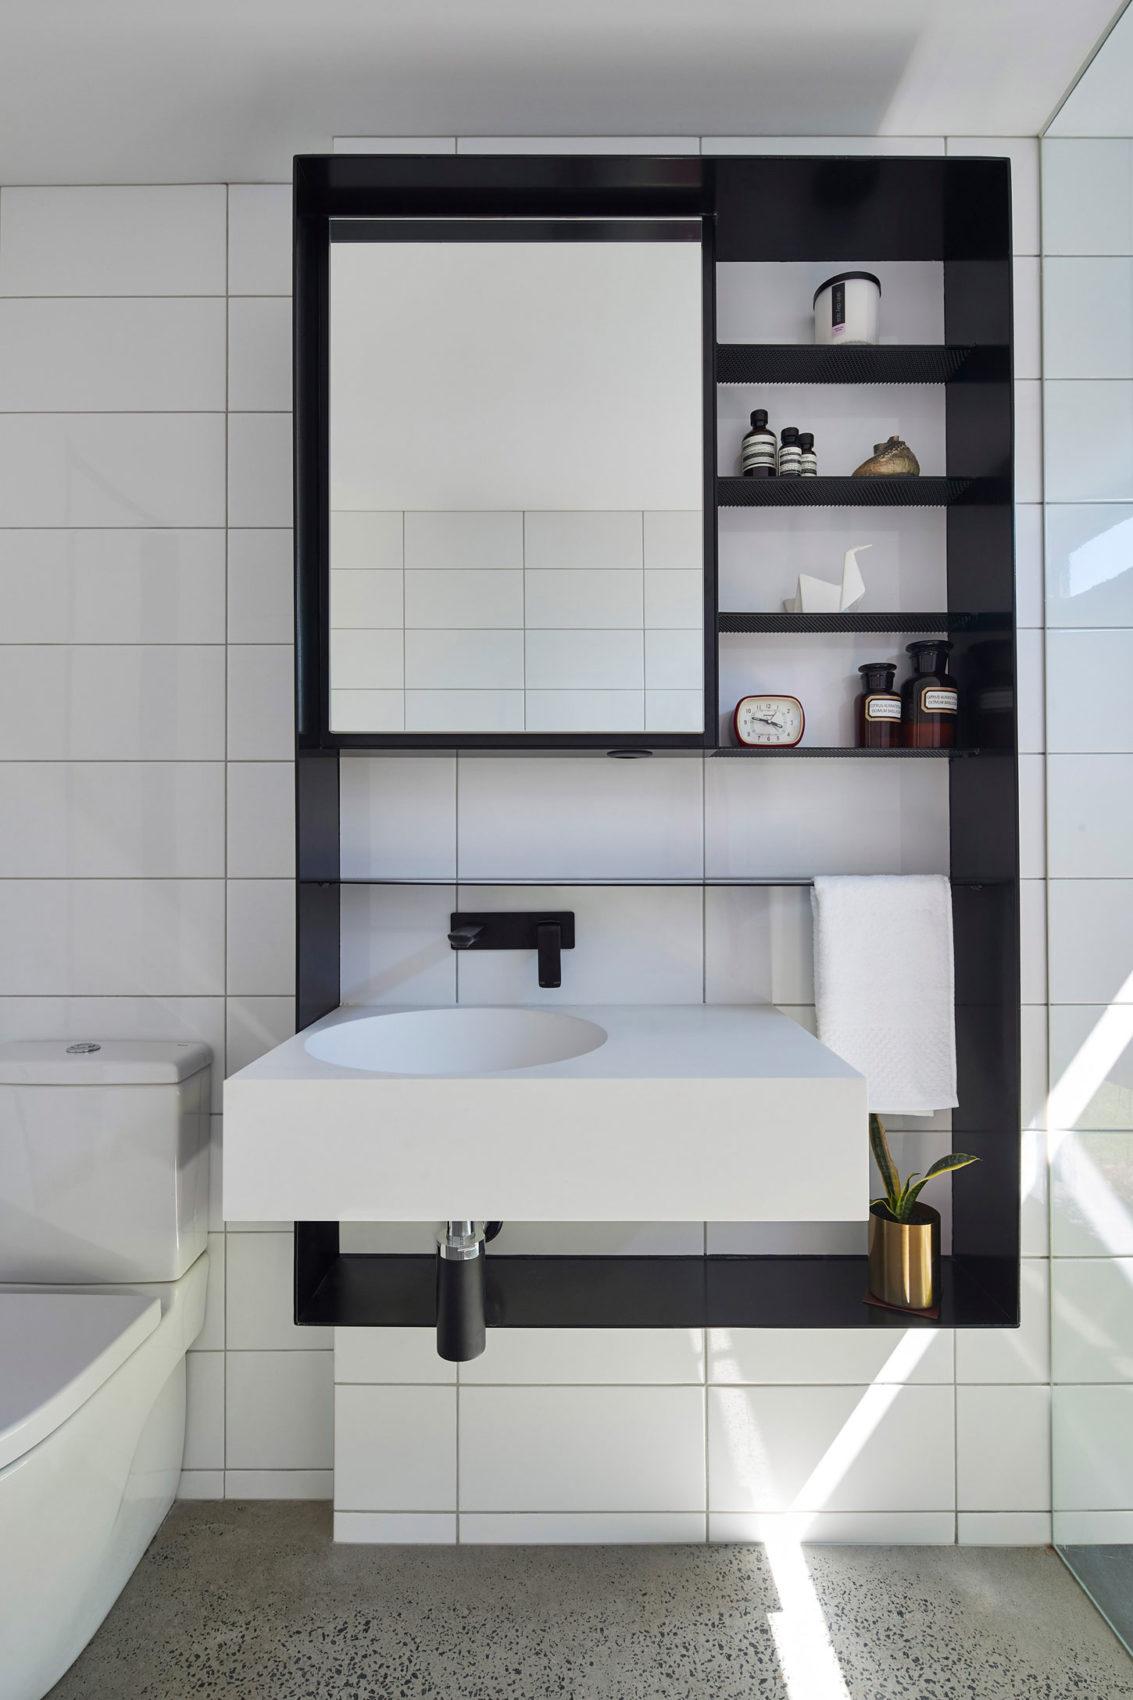 badkamers voorbeelden moderne badkamer met een hele bijzondere